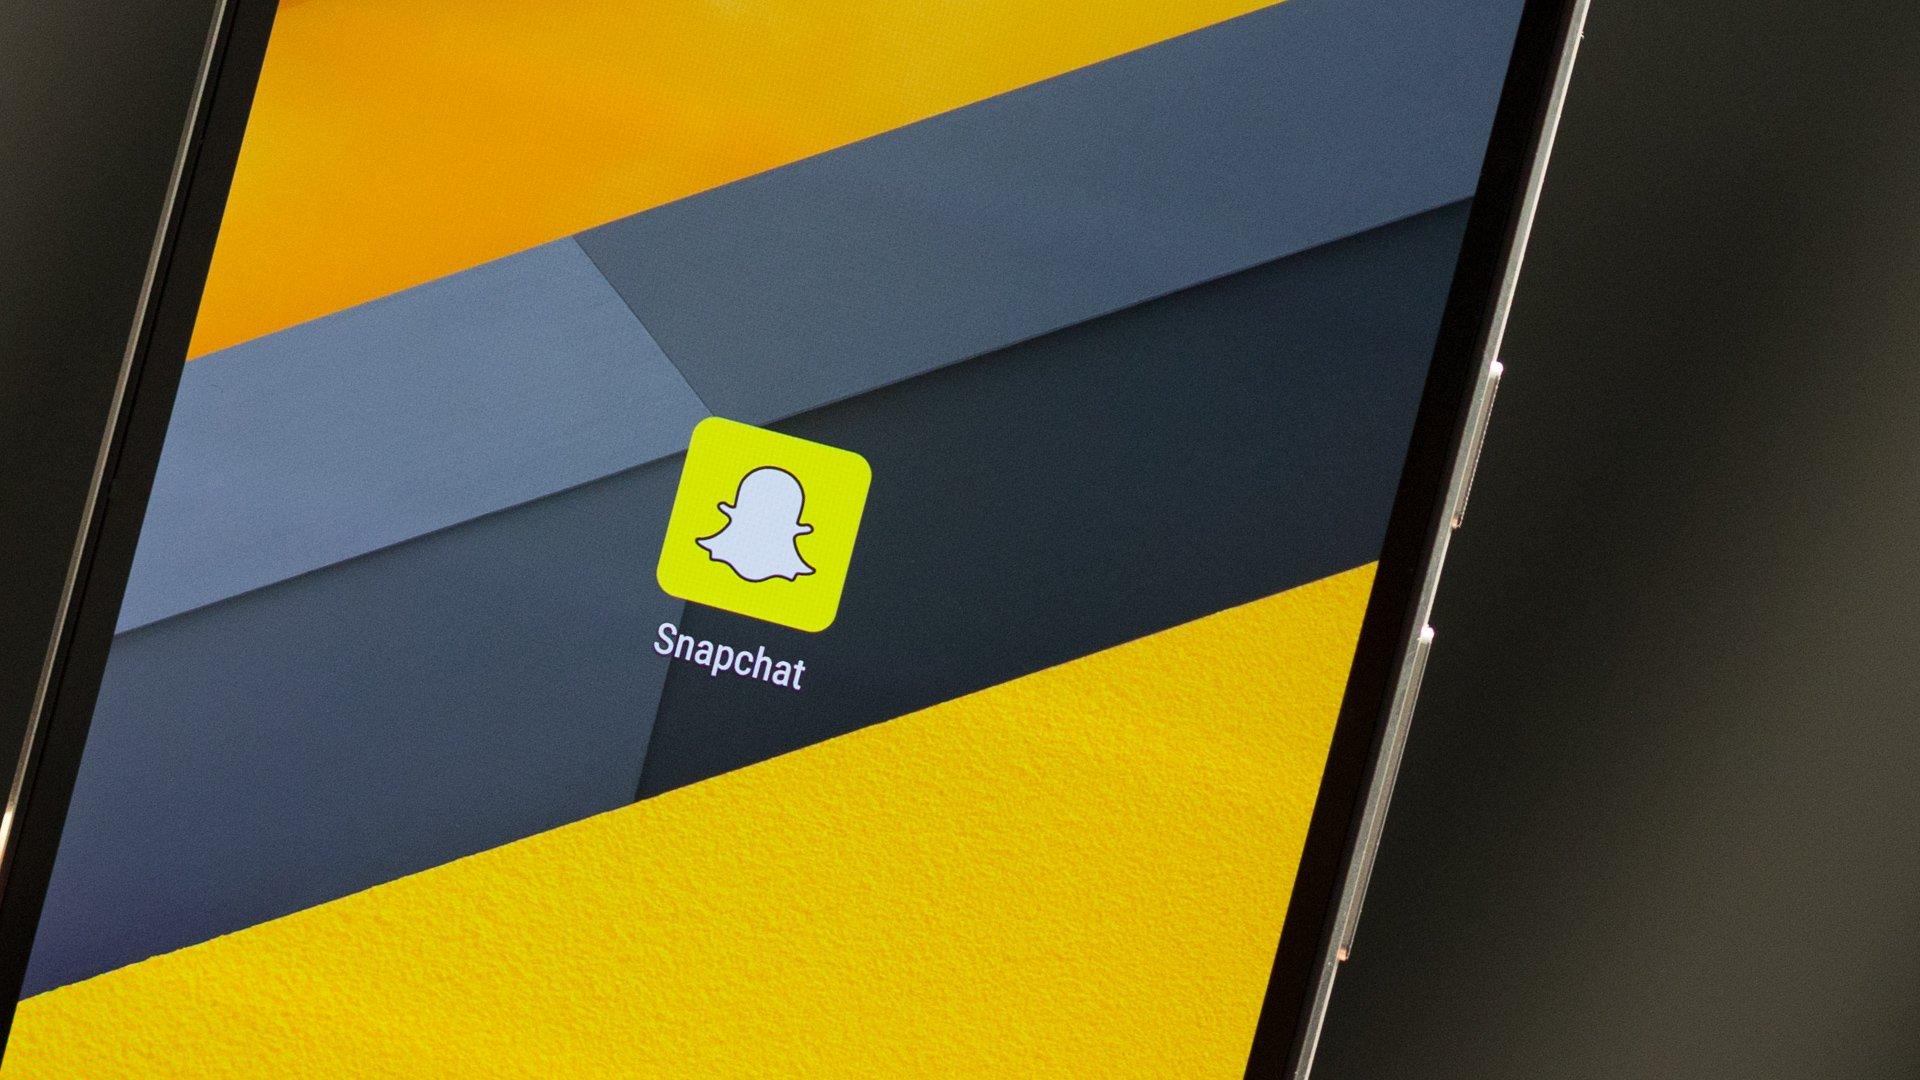 Snapchat meningkatkan kualitas aplikasi Android dan mengetahui yang sudah jelas